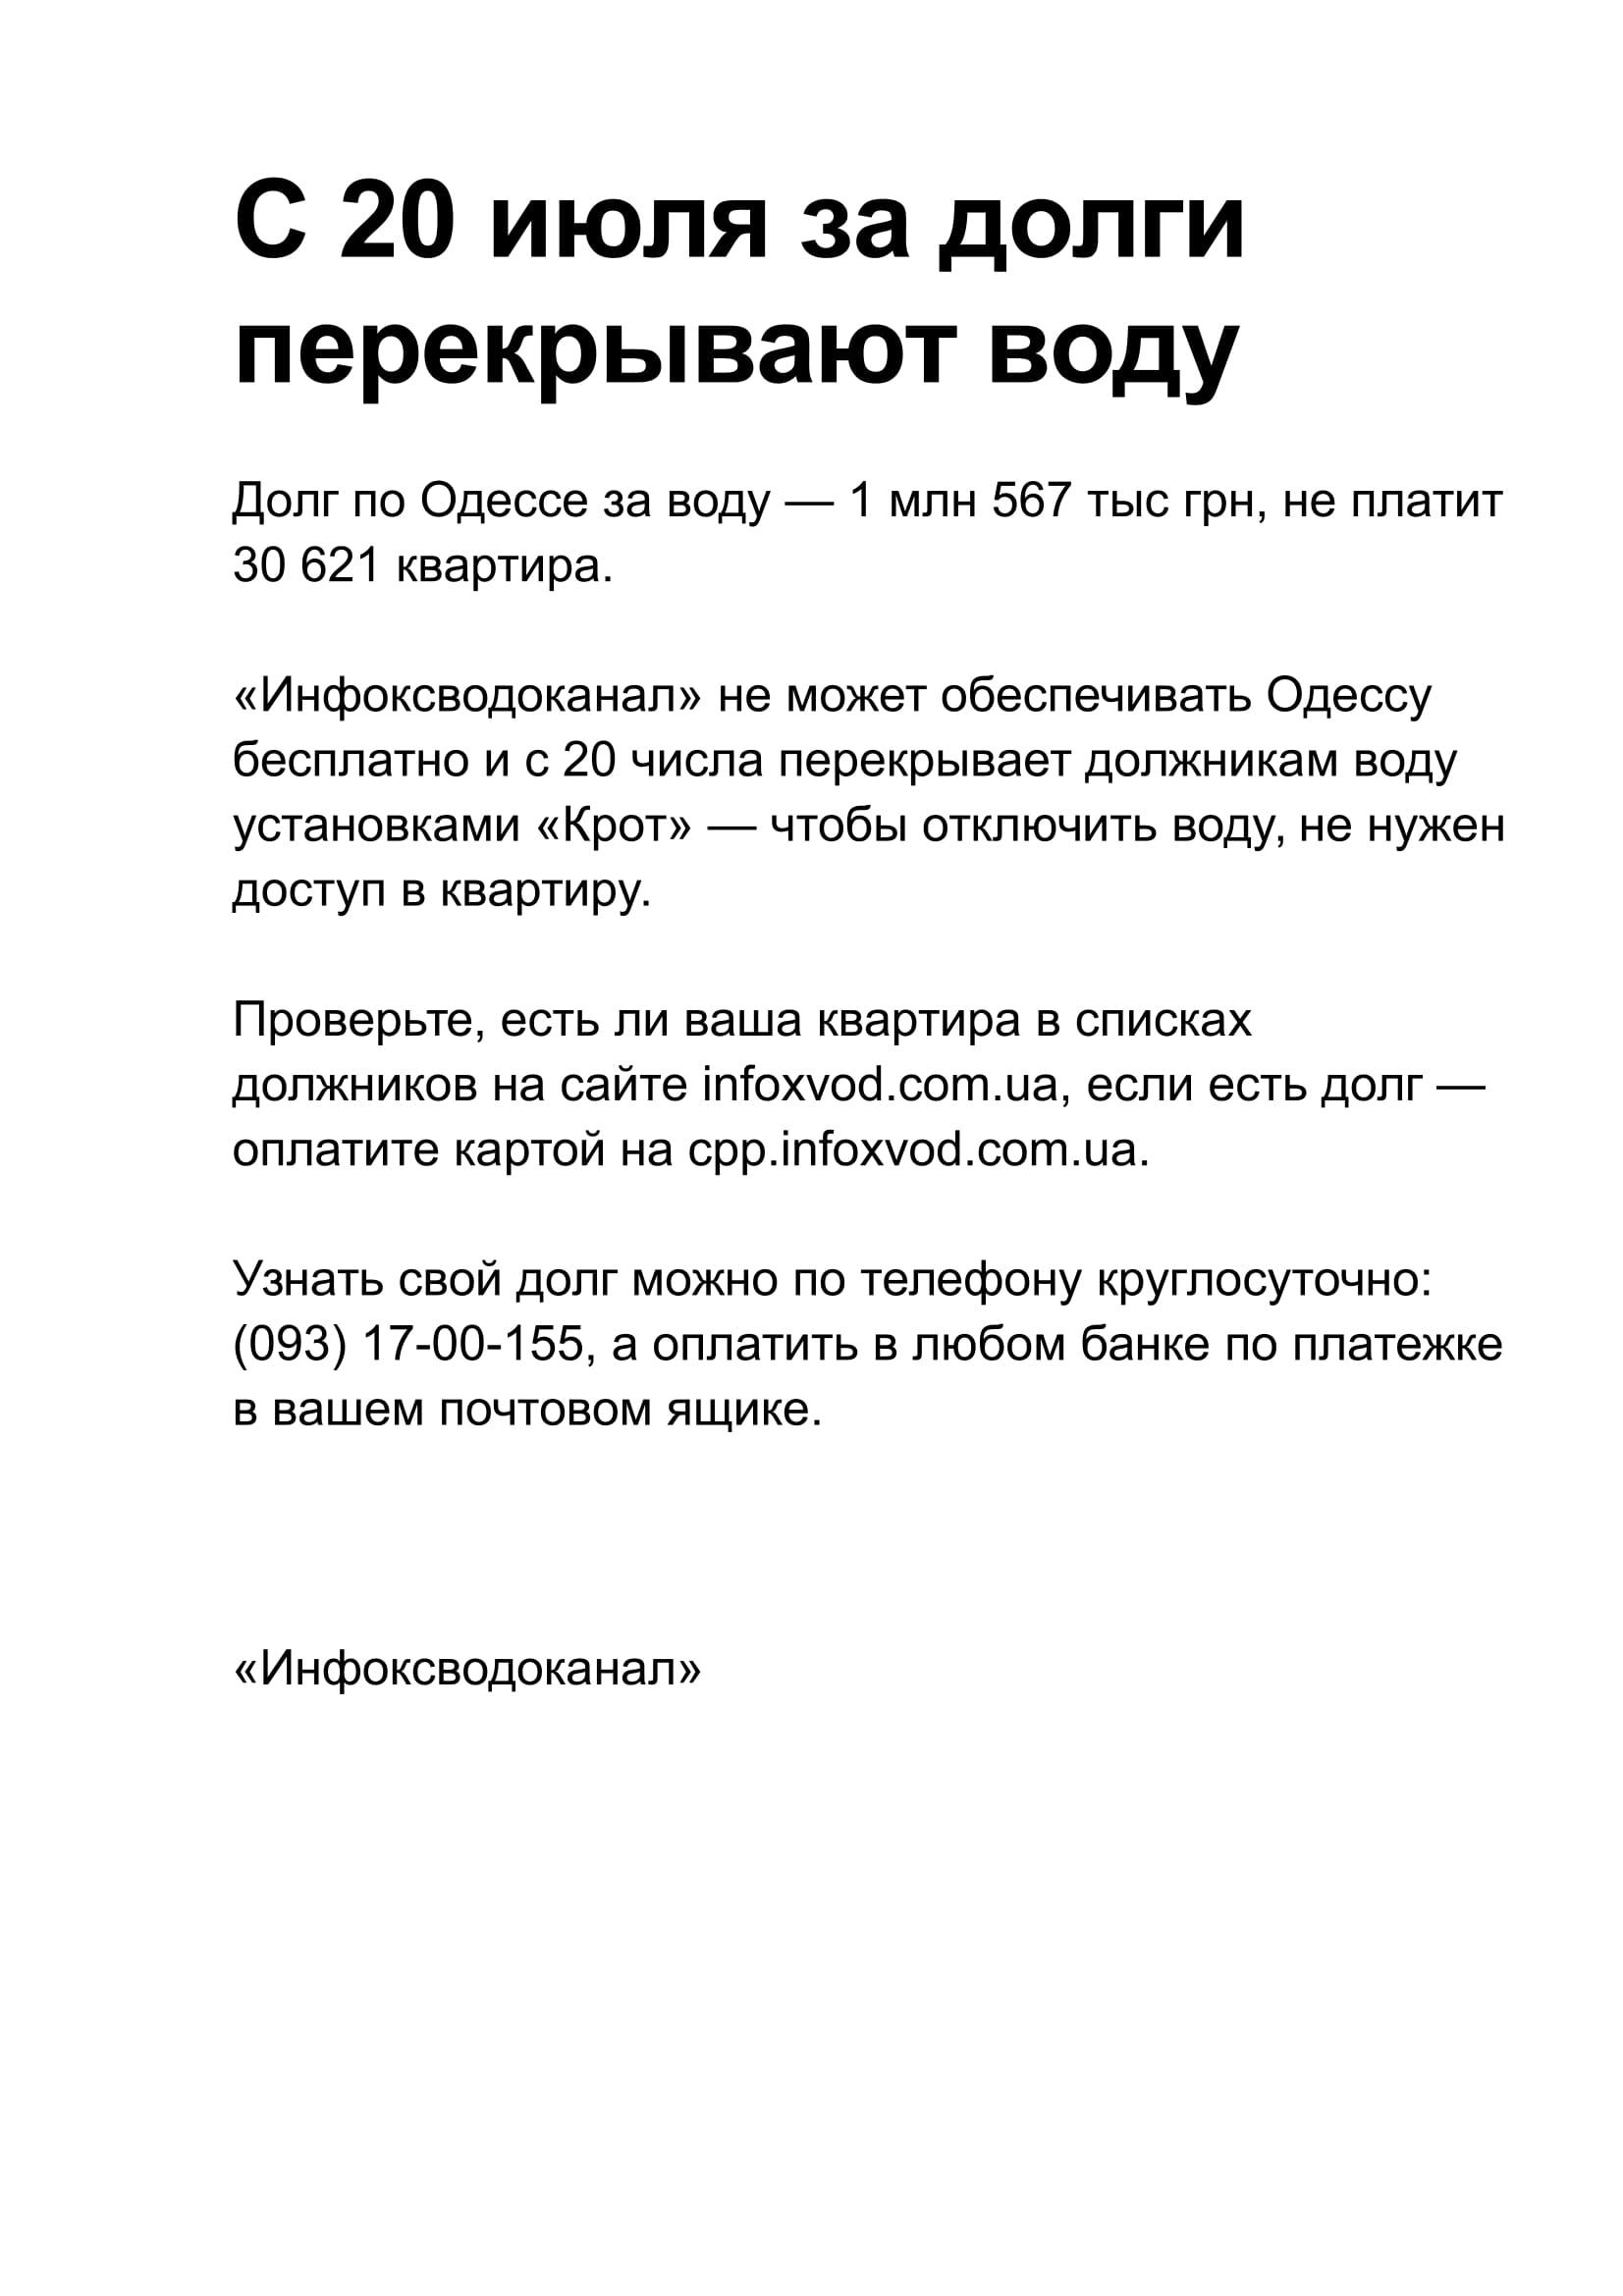 Объявление для Одессы о перекрытии воды